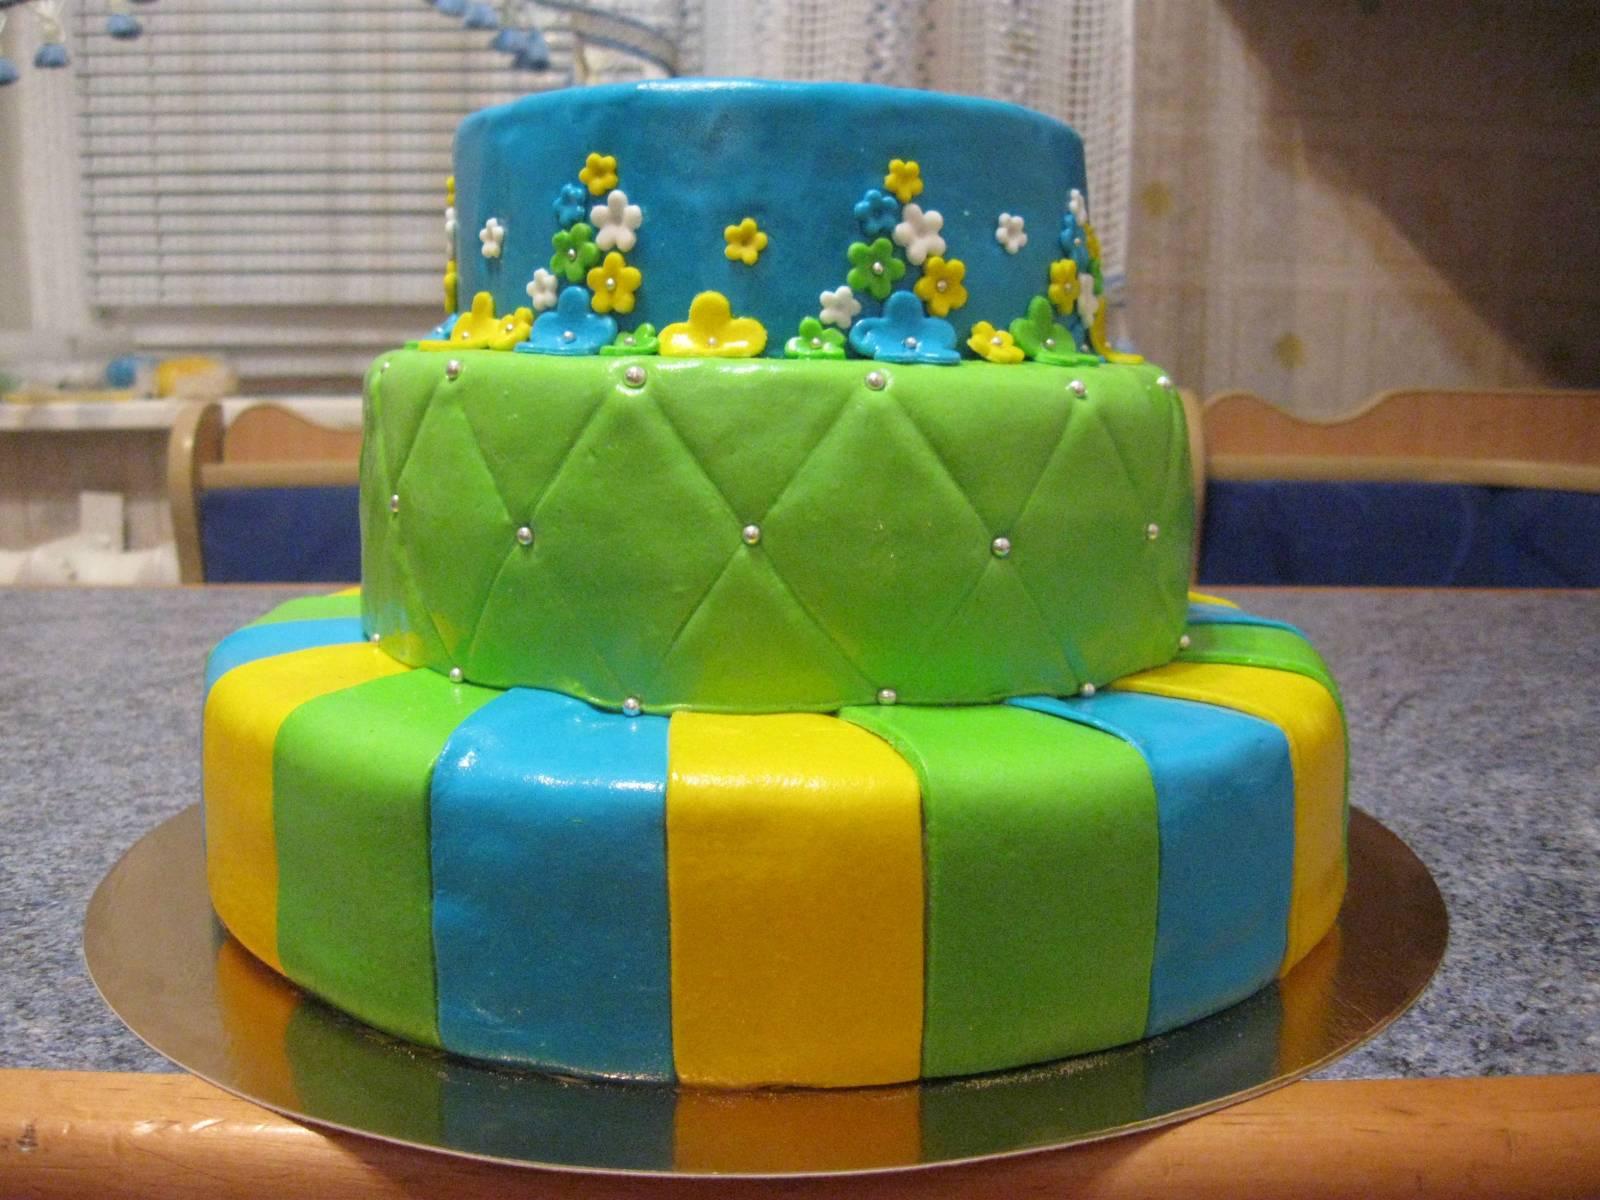 Трехэтажный торт своими руками на день рождения 76